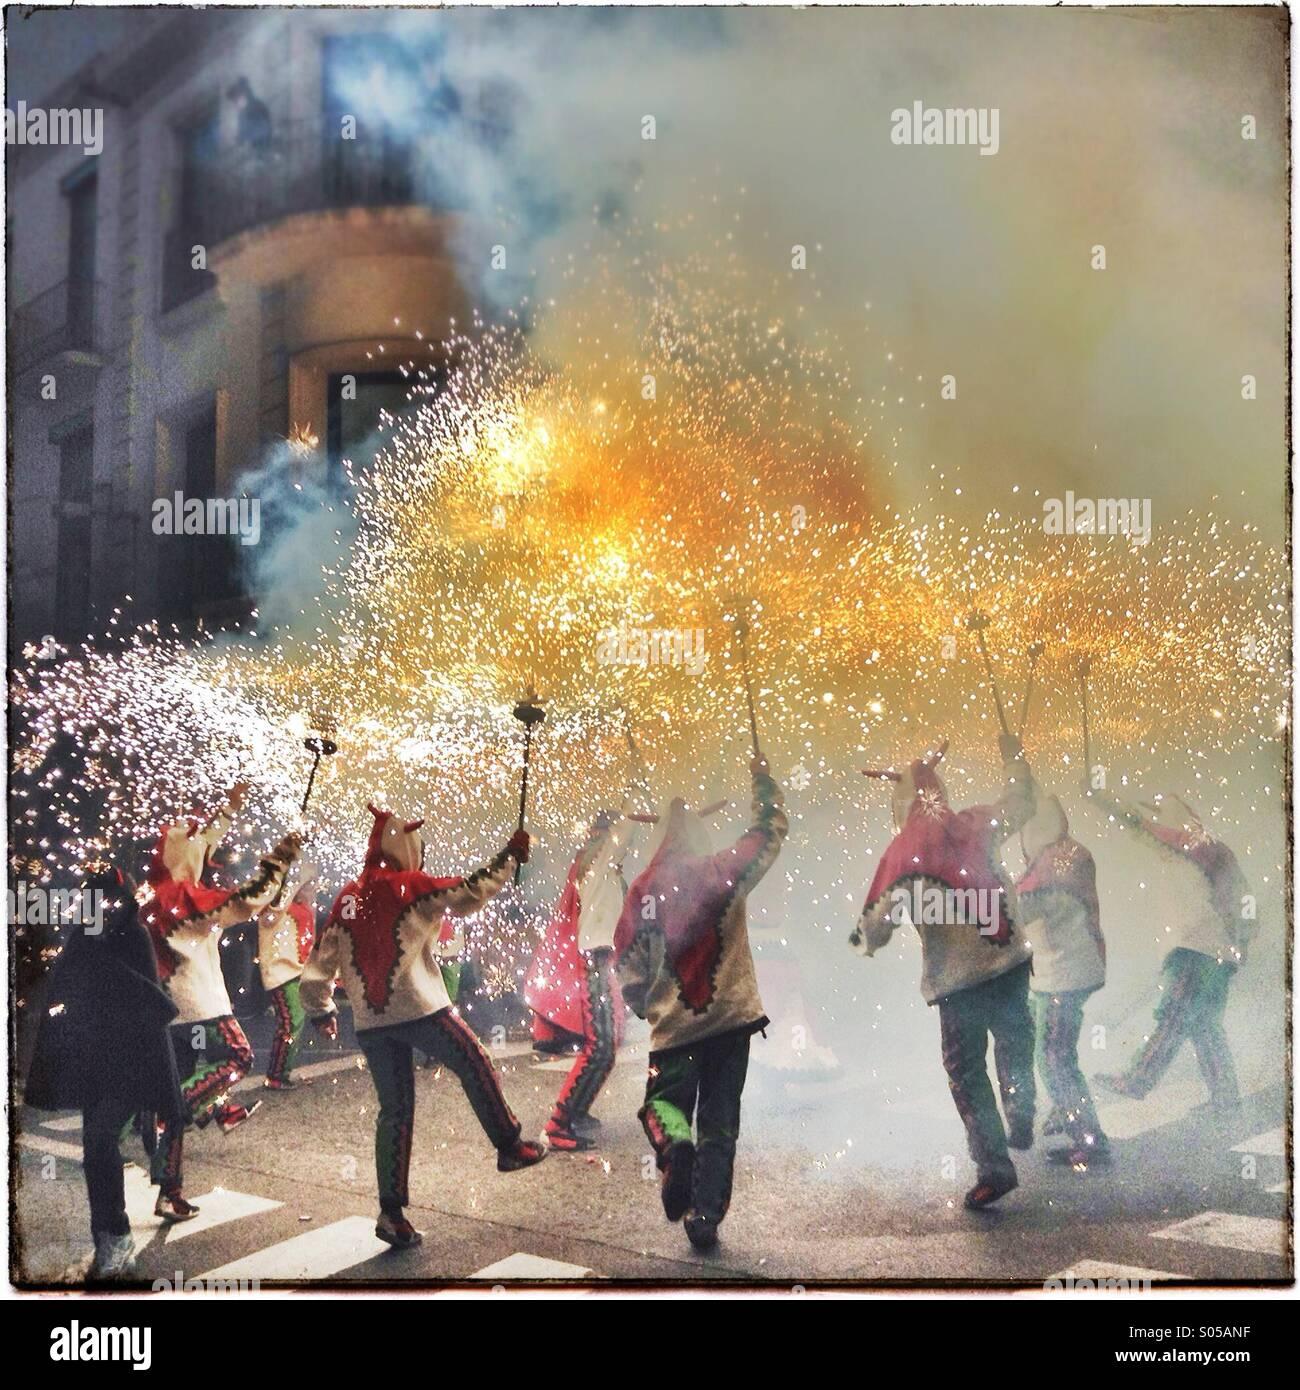 Correfoc, Fireworks, Les Santes, festival de la ville de Mataró, juillet, Barcelone, Espagne. Jeux incendie Photo Stock